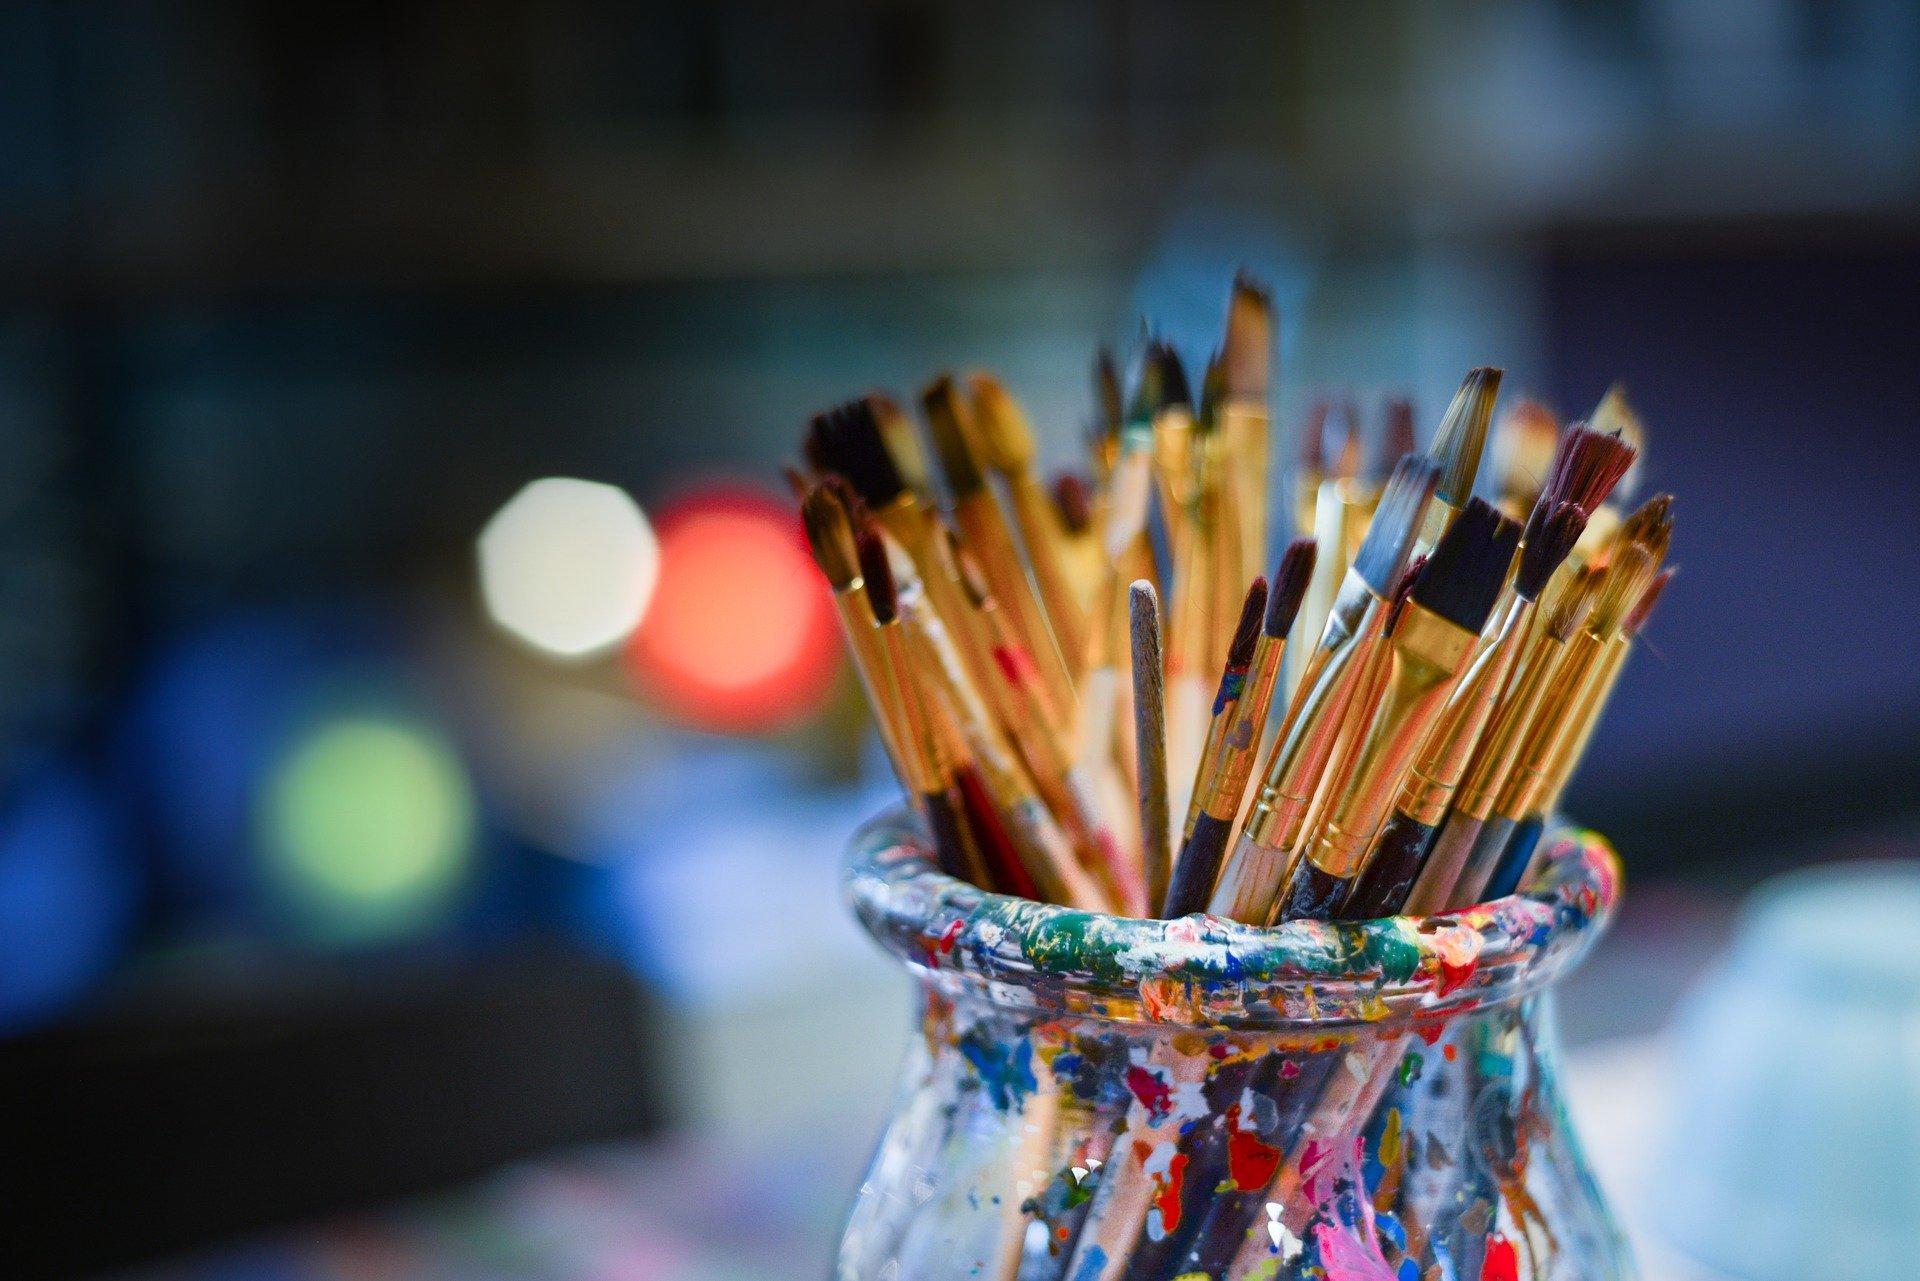 Εργαστήριο ζωγραφικής – επαναφορά διαδικτυακών μαθημάτων